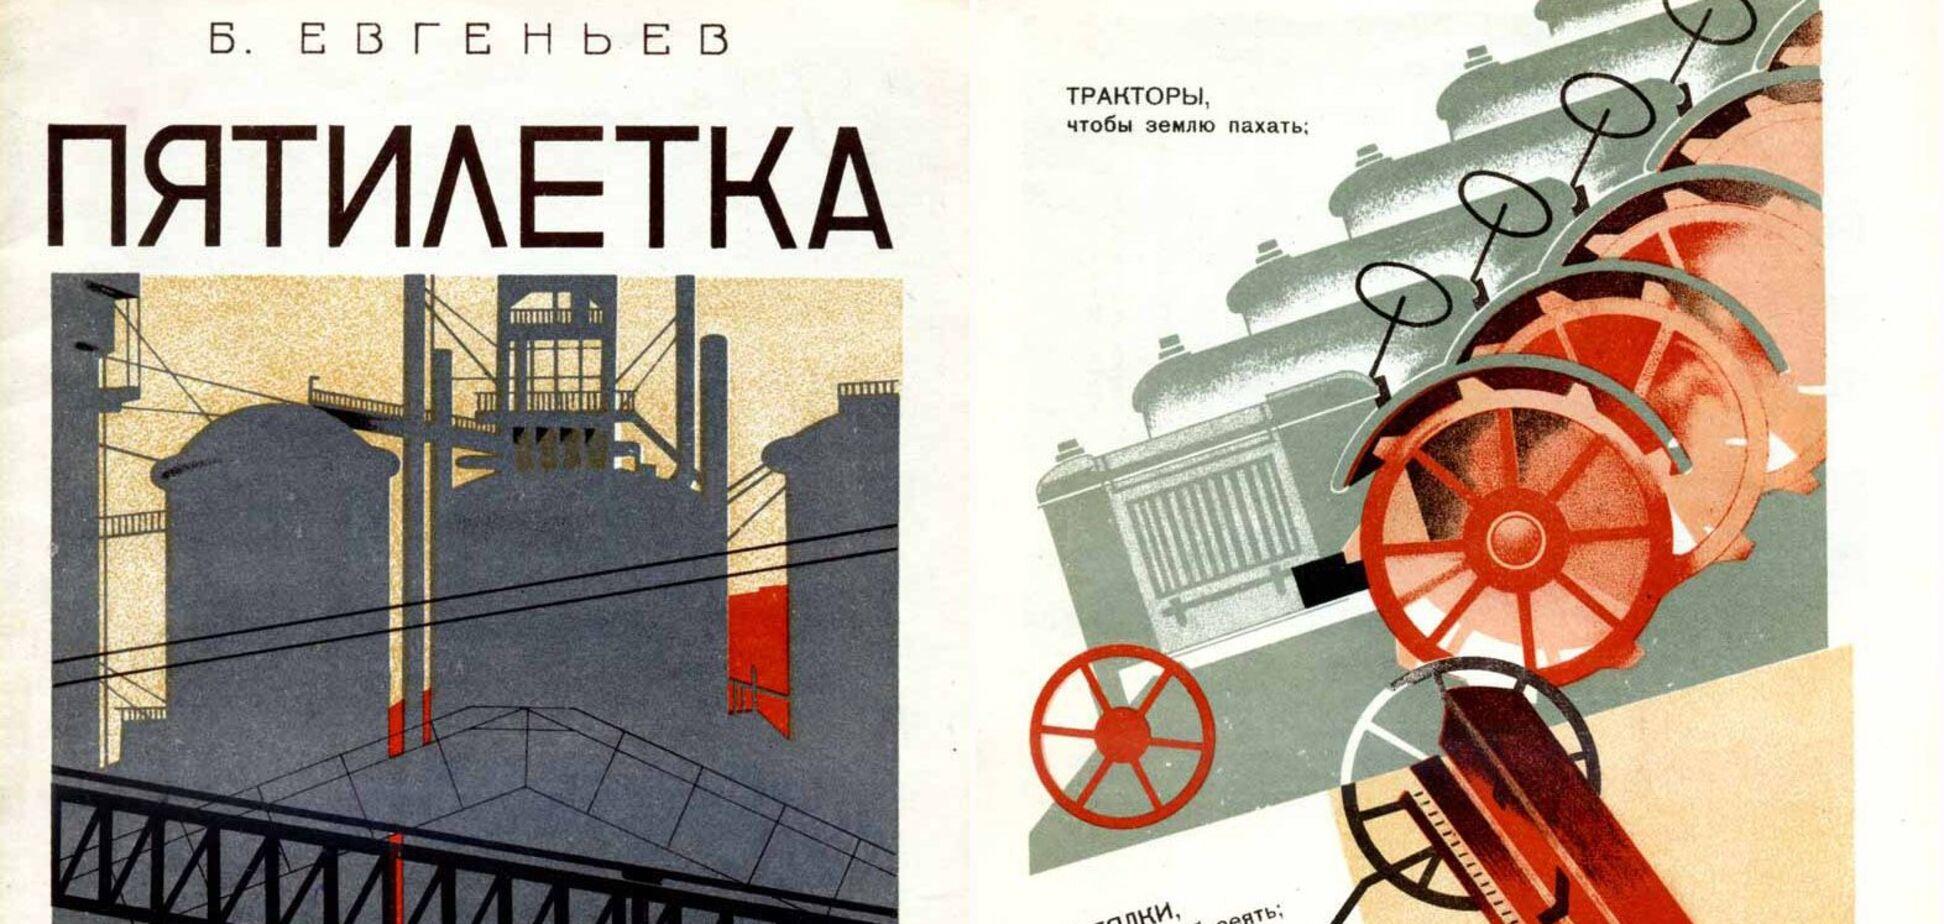 За допомогою пропаганди в СРСР намагалися створити ілюзію благополуччя